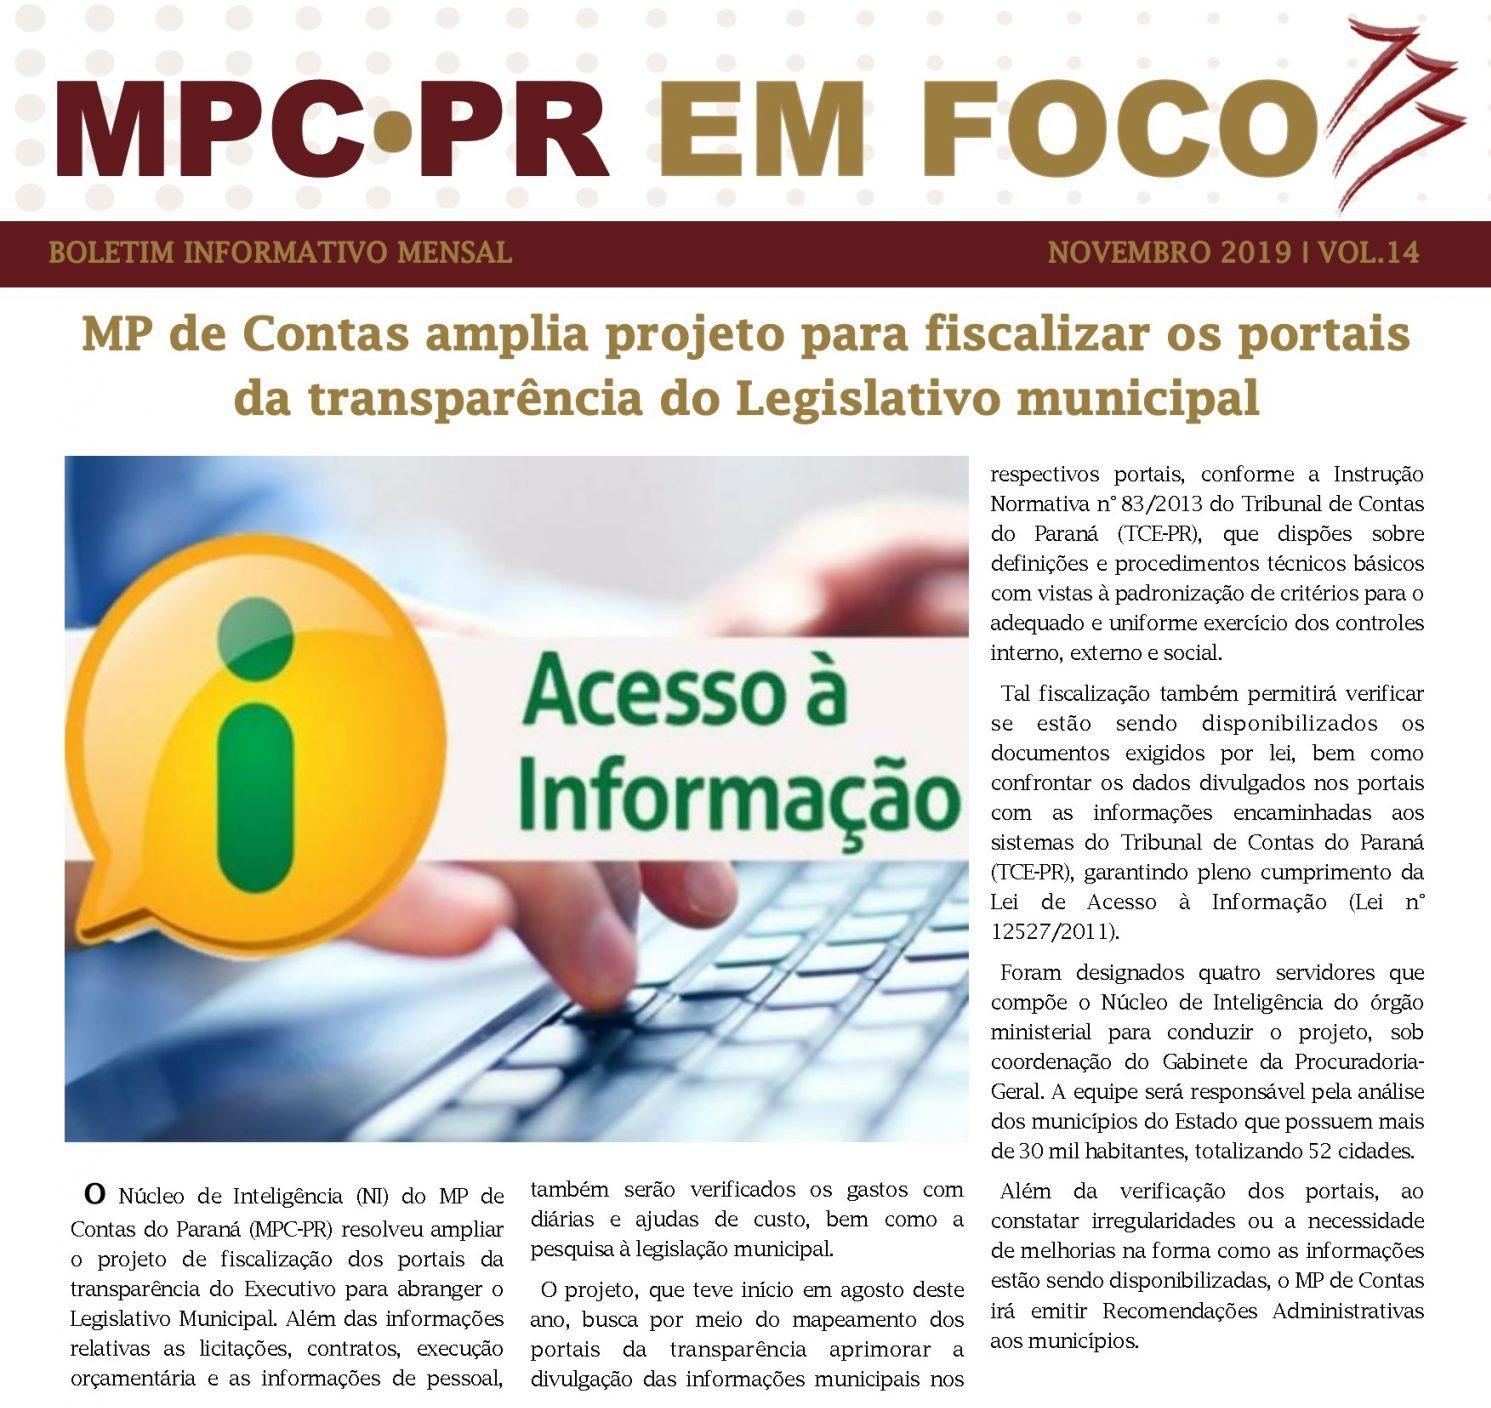 Boletim Informativo MPC-PR em Foco novembro/2019